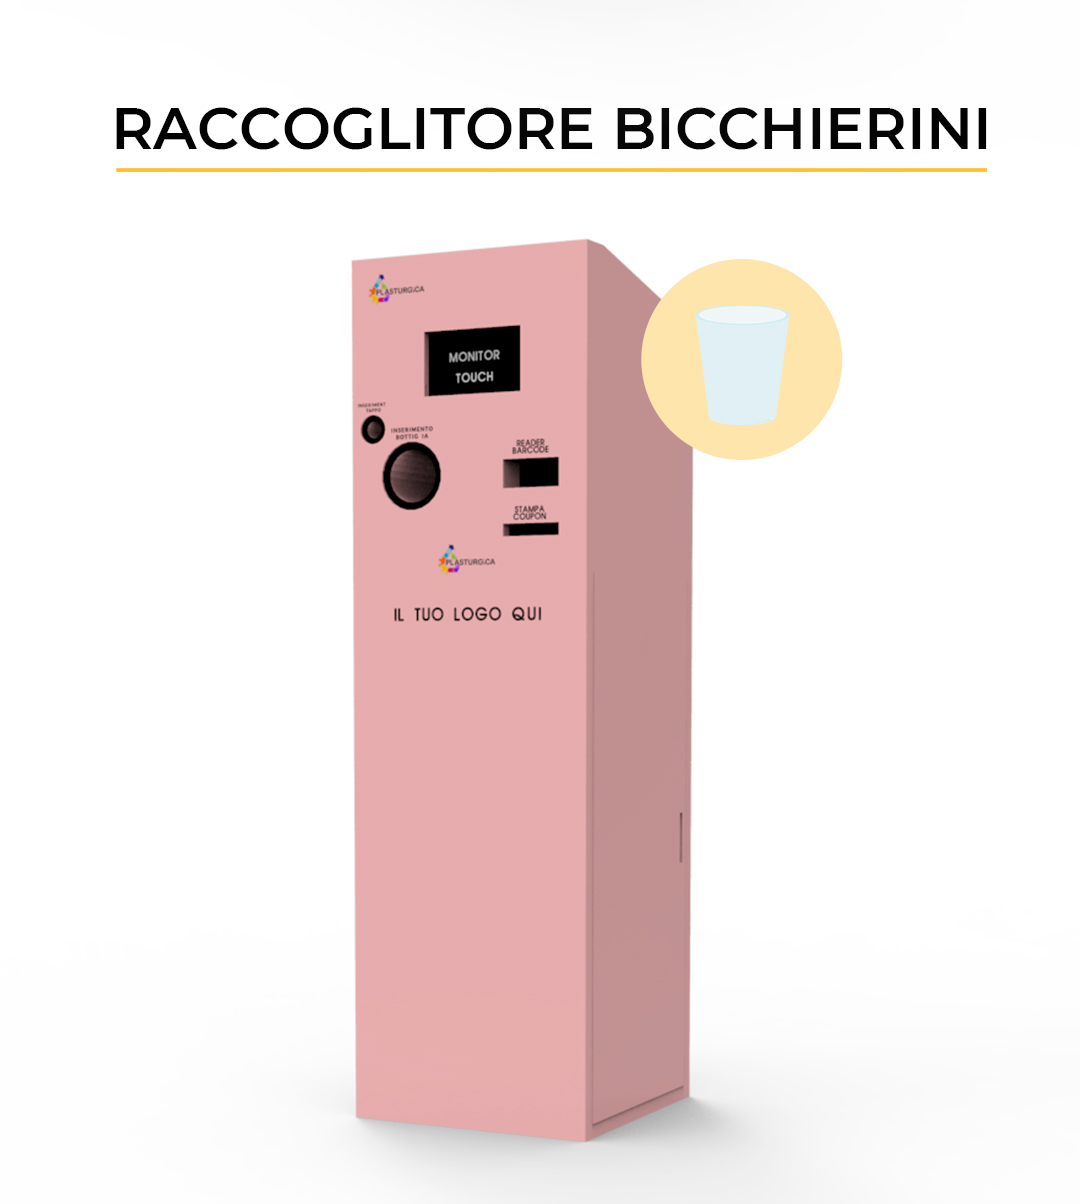 reverse-vending-bicchierini